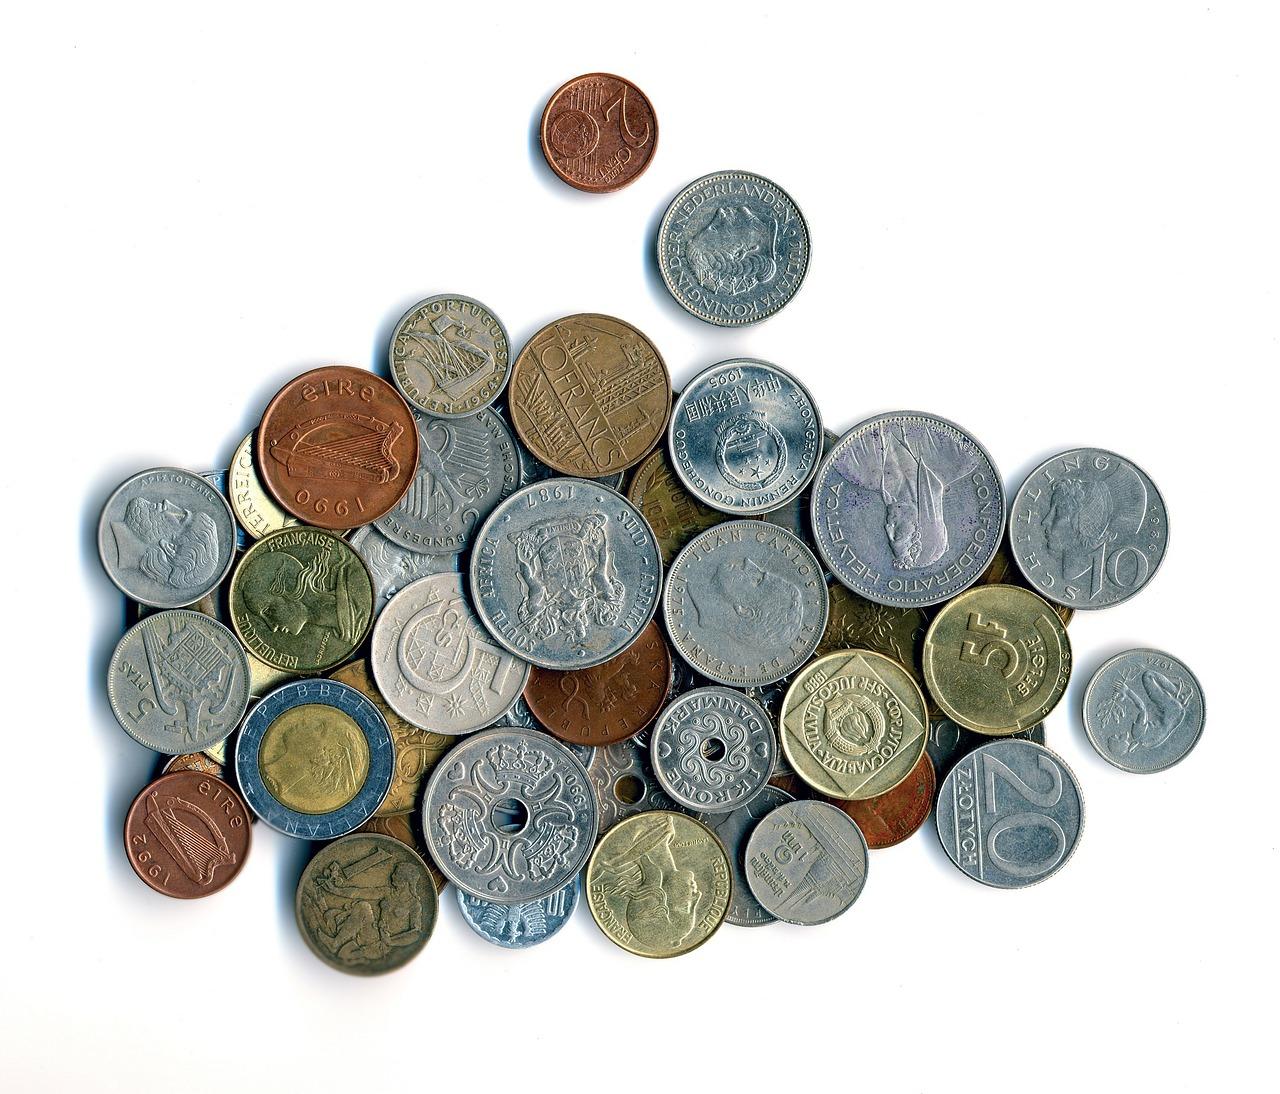 Świat bogaty jest nie tylko w języki, ale też w różnorodność walut, którymi płacimy za usługi i dobra w różnych jego zakątkach. Rozpoznasz te najbardziej znane?